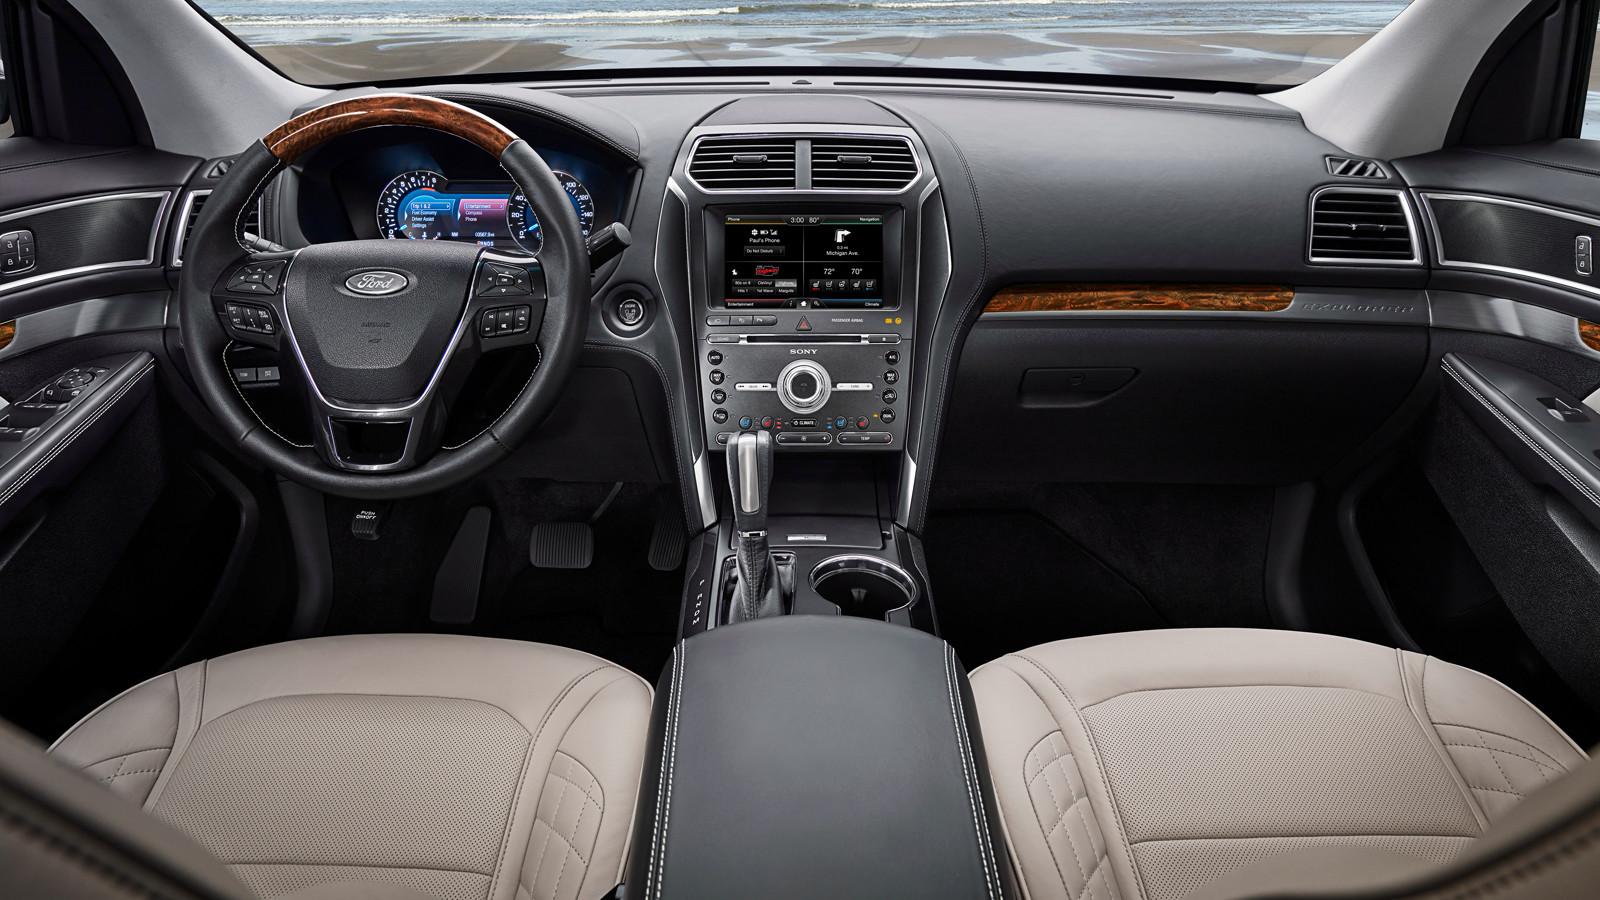 Форд Explorer доступен поминимальной цене смомента выхода нарынок